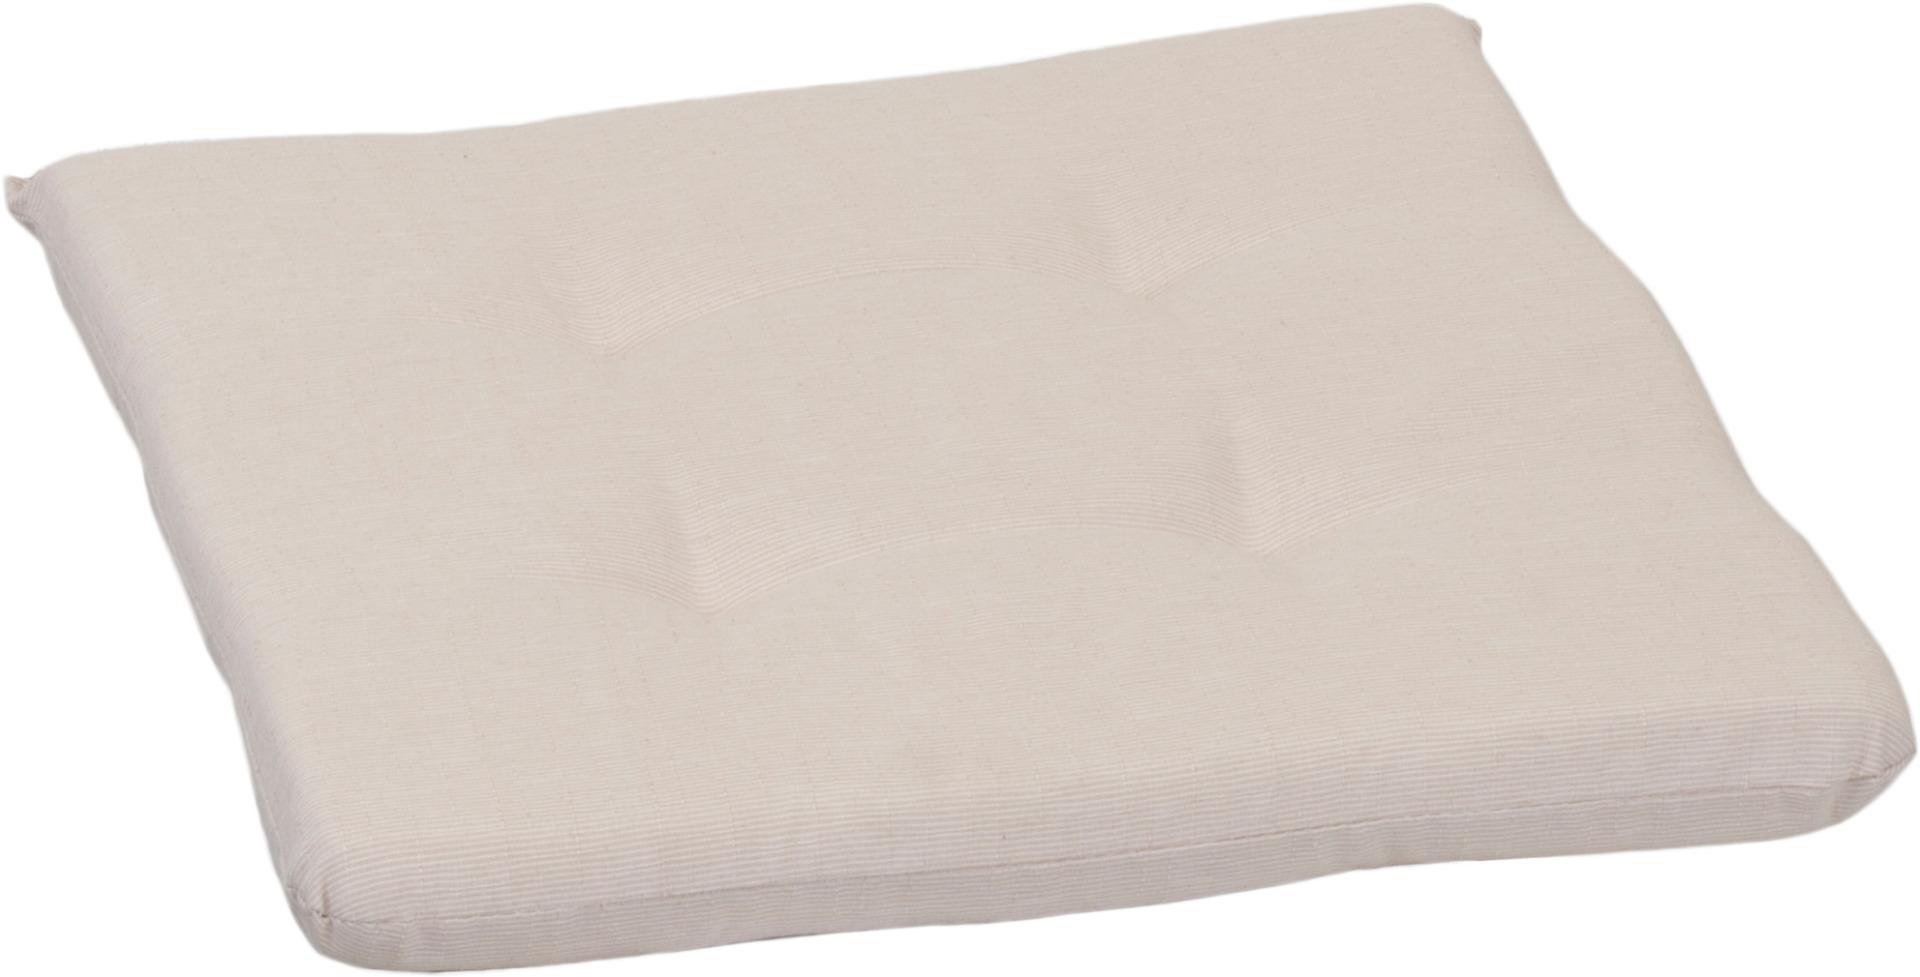 Beiges strukturiertes rechteckiges Stuhlkissen ca. 41 x 41 cm ca. 4,5 cm dick von beo